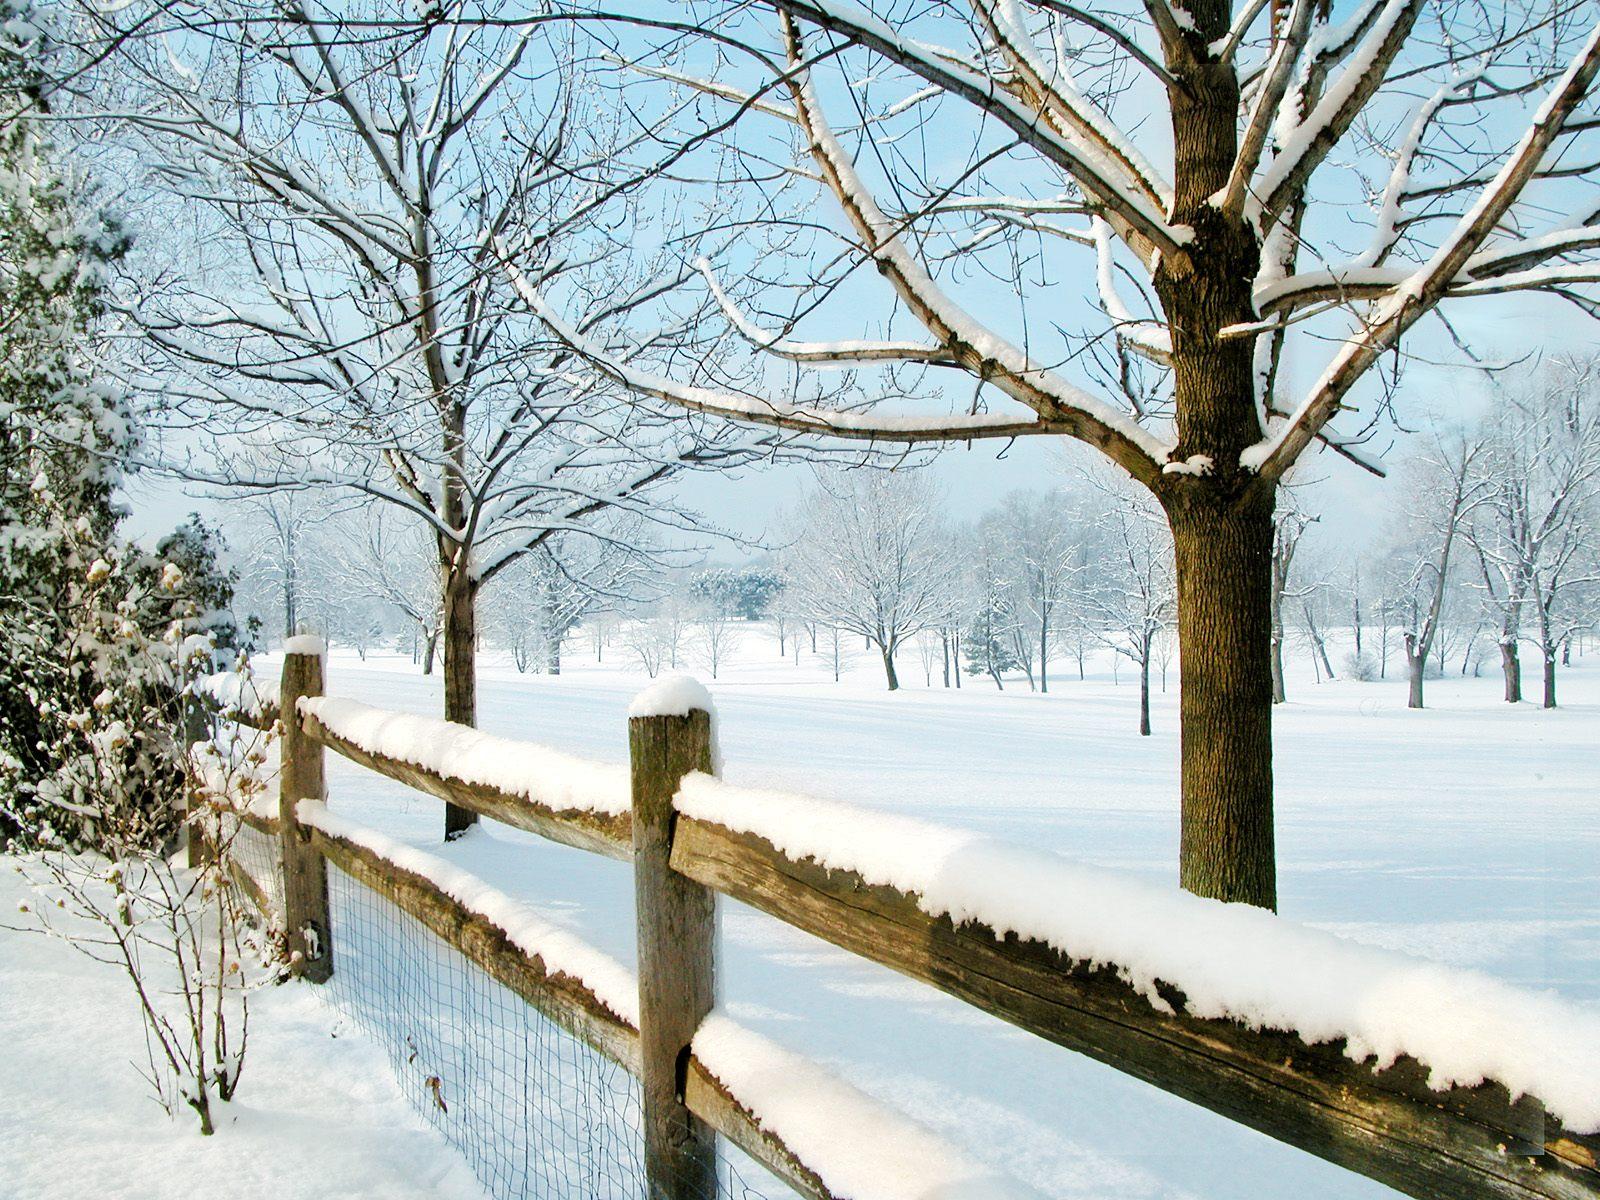 Winter Scene 1600x1200 Wallpapers, 1600x1200 Wallpapers ...